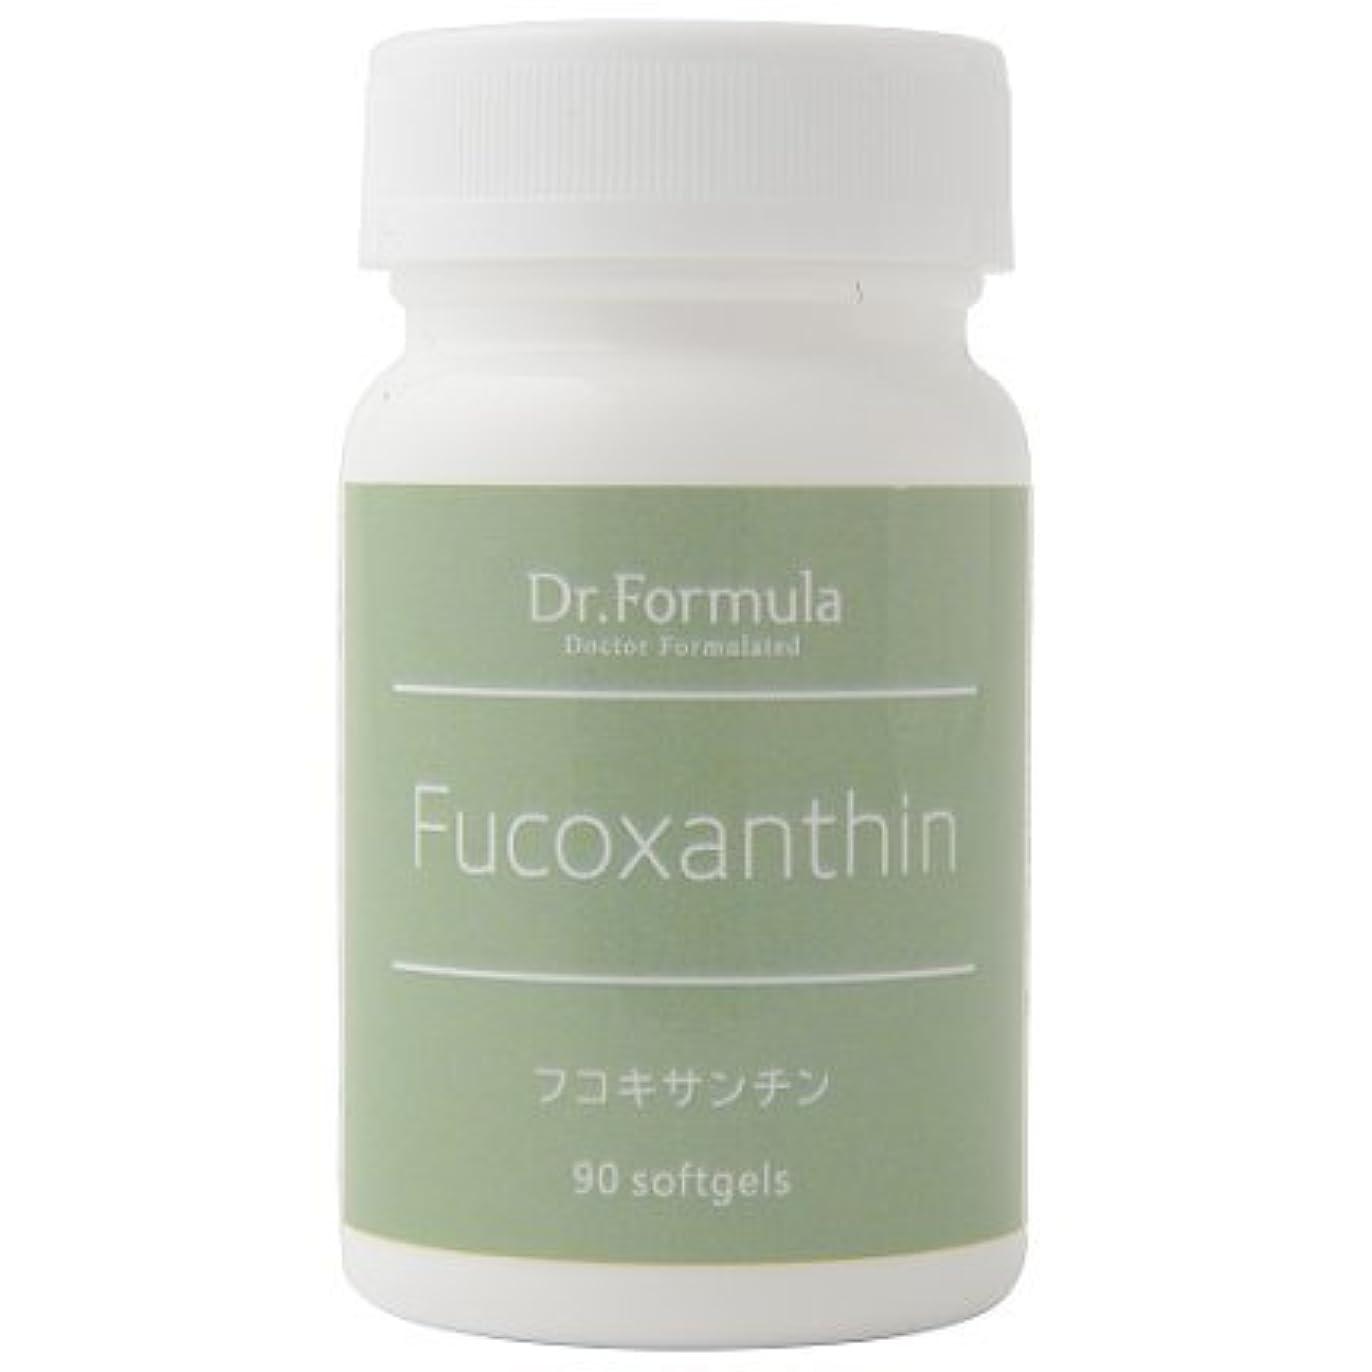 具体的に確認肉屋Dr.Formula フコキサンチン(テレビで話題の希少成分) 30日分 90粒 日本製 Fucoxanthin